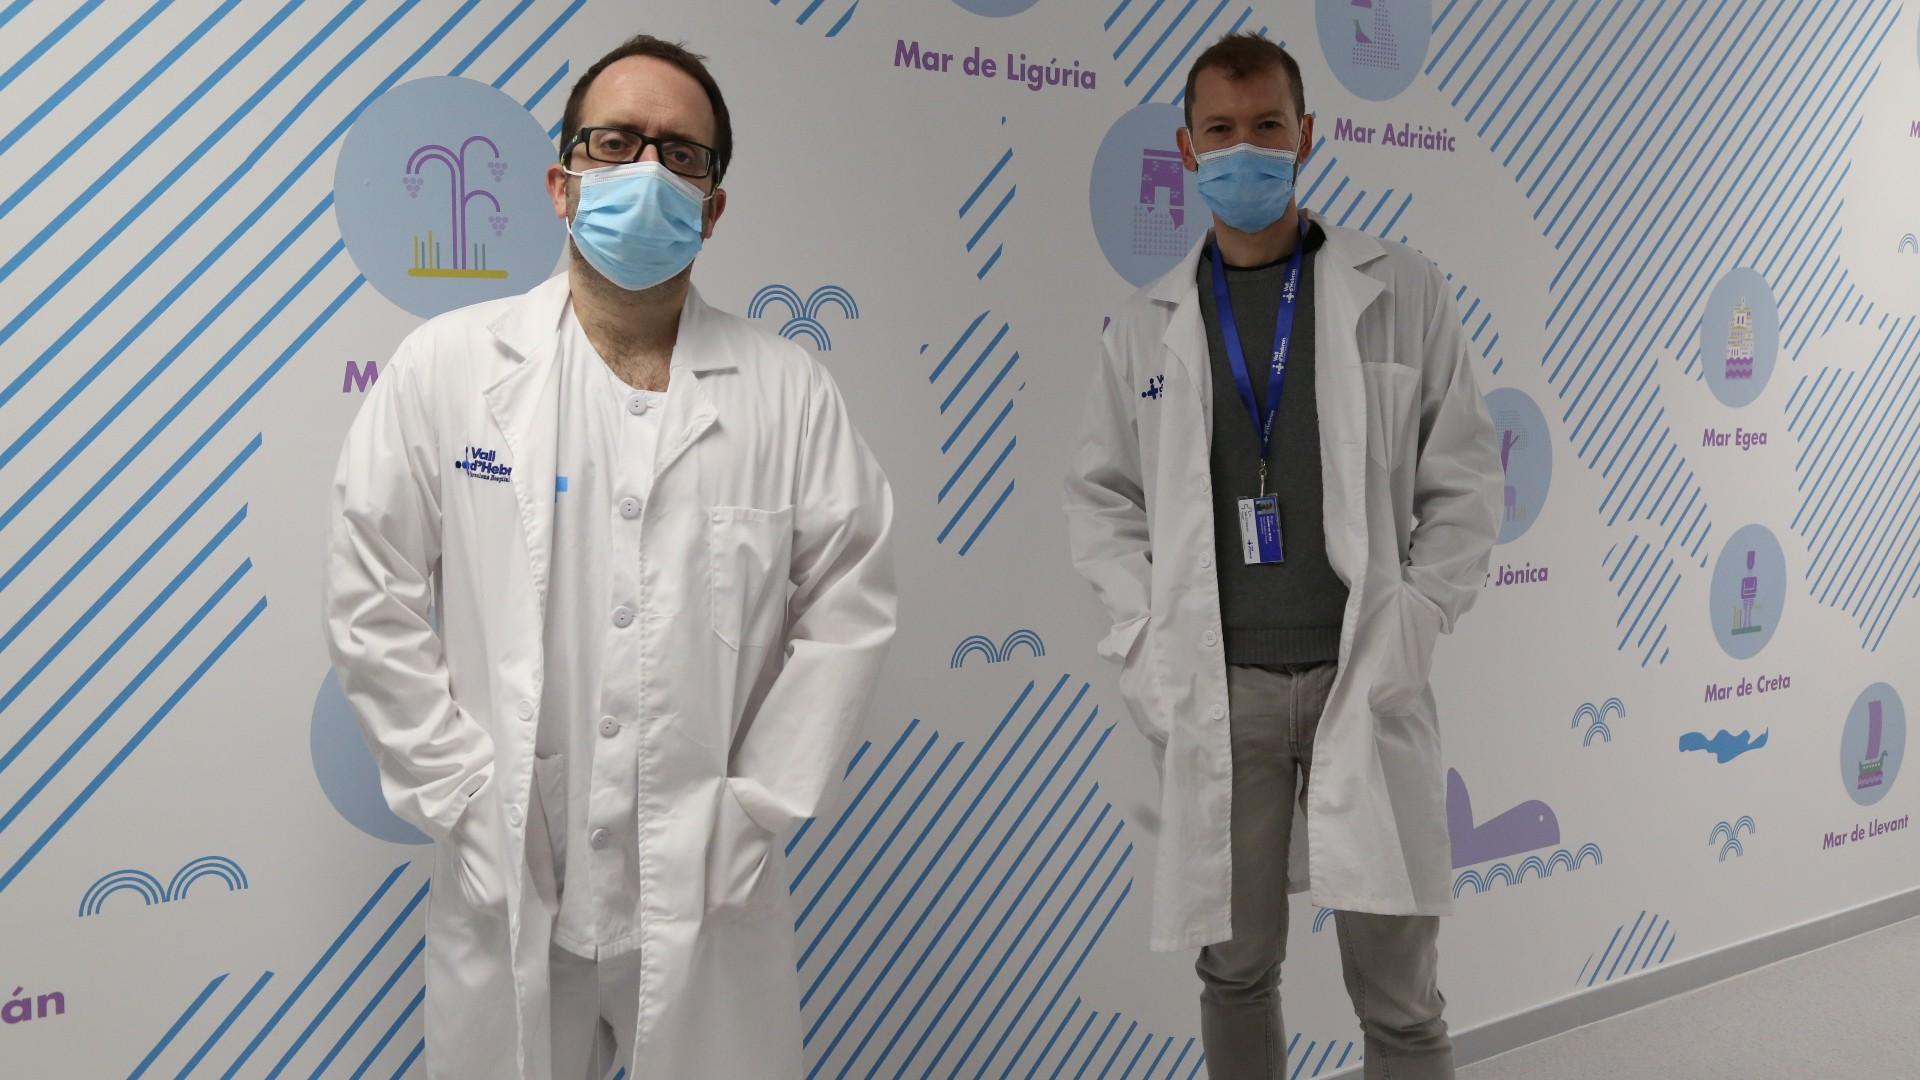 El Dr. Pere Soler i el Dr. Roger Colobran del Vall d'Hebron Institut de Recerca